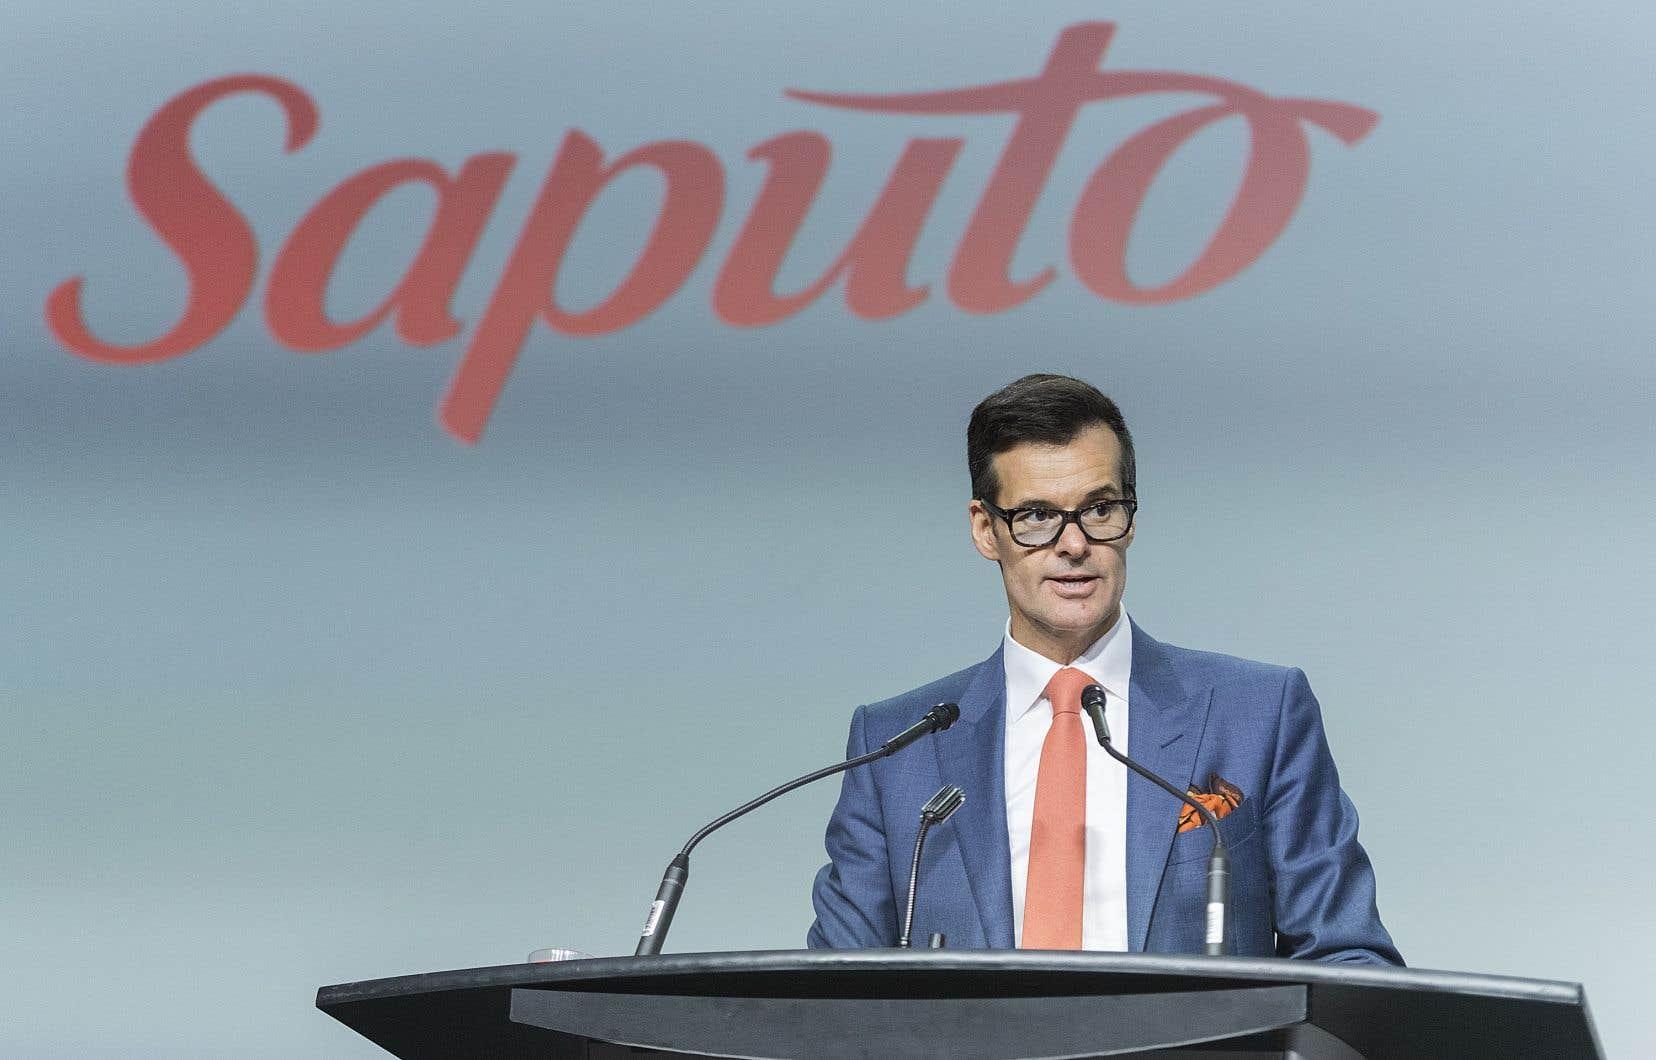 La compagnie Saputo croit que la pandémie pourrait lui permettre d'avaler certains de ses concurrents n'ayant pas les reins assez solides pour survivre.